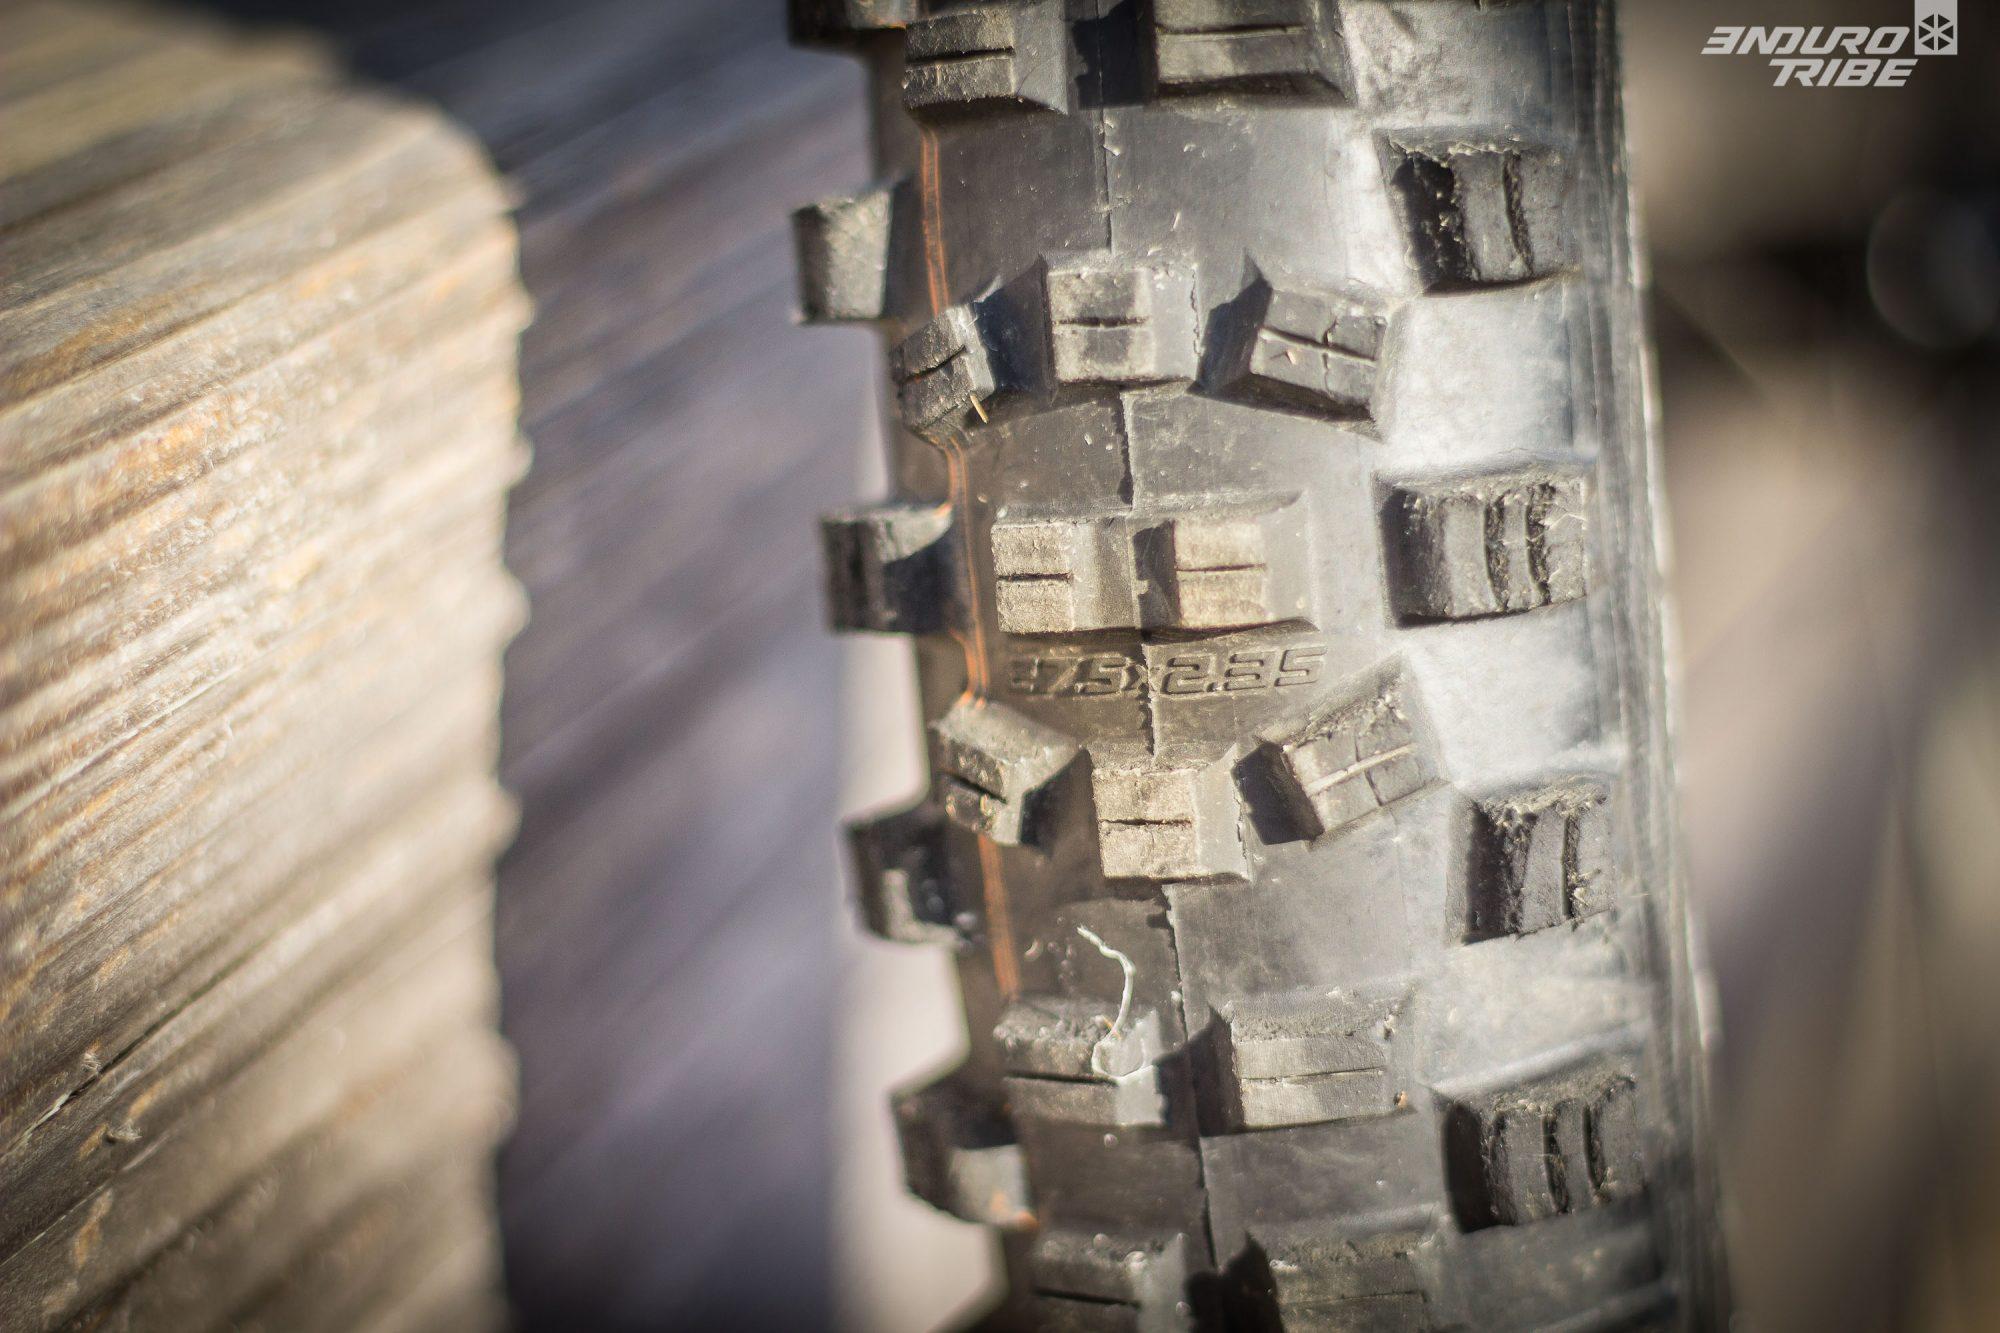 Autre détail : le Schwalbe Hans Dampf 29 pouces que l'on a reçu, parmis les premiers exemplaires produit, comporte une erreur de marquage. La dimension indiquée entre les crampons n'est pas la bonne (27,5 au lieu de 29). Le marquage sur la boite, et sur les flancs sont corrects. À vérifier donc au moment de prendre possession du pneu ;-)